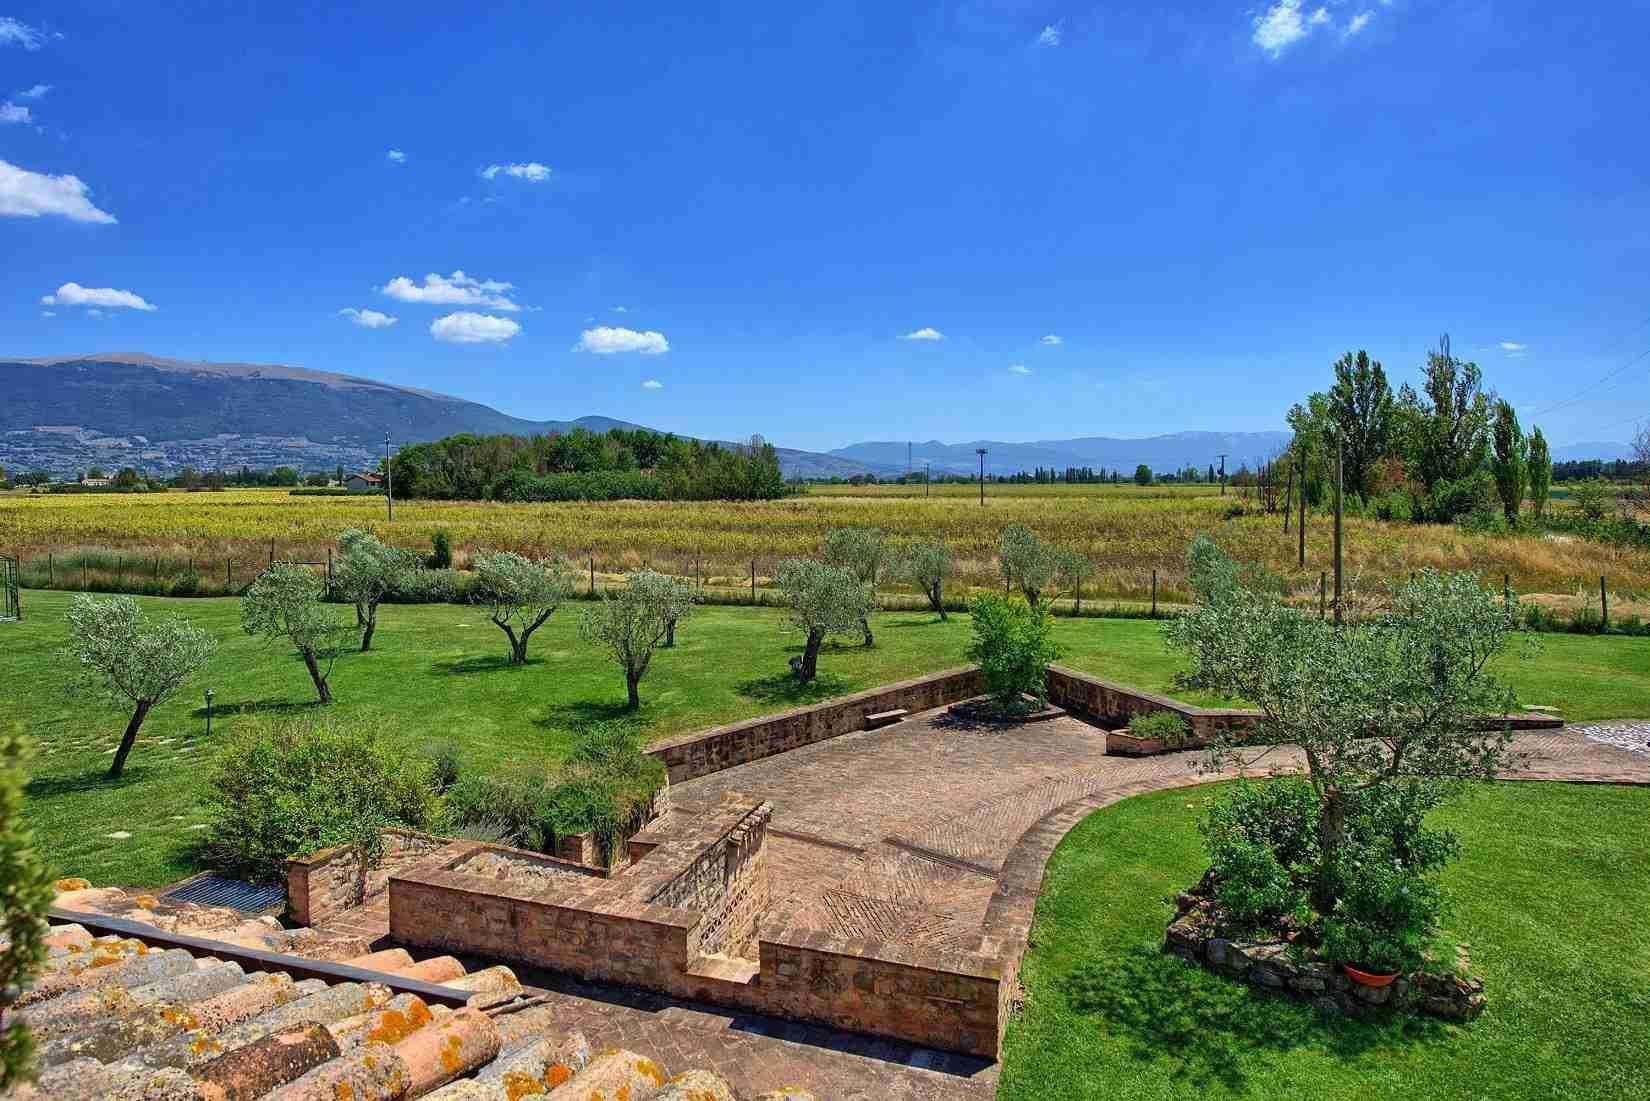 14 Assisi garden